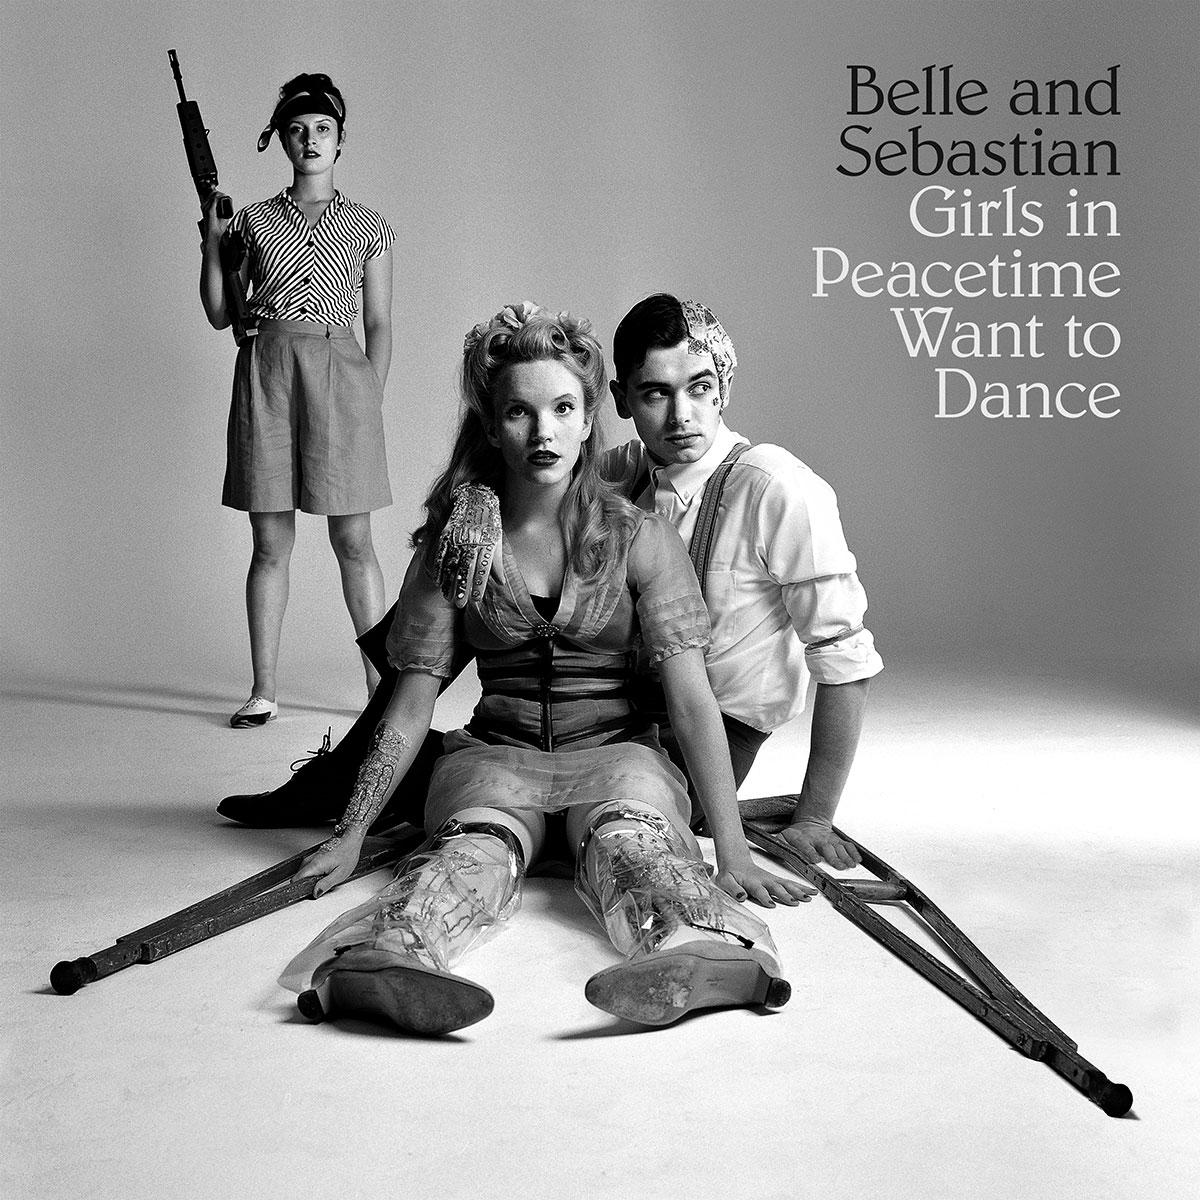 Resenha: Belle & Sebastian - Girls In Pecetime Want to Dance